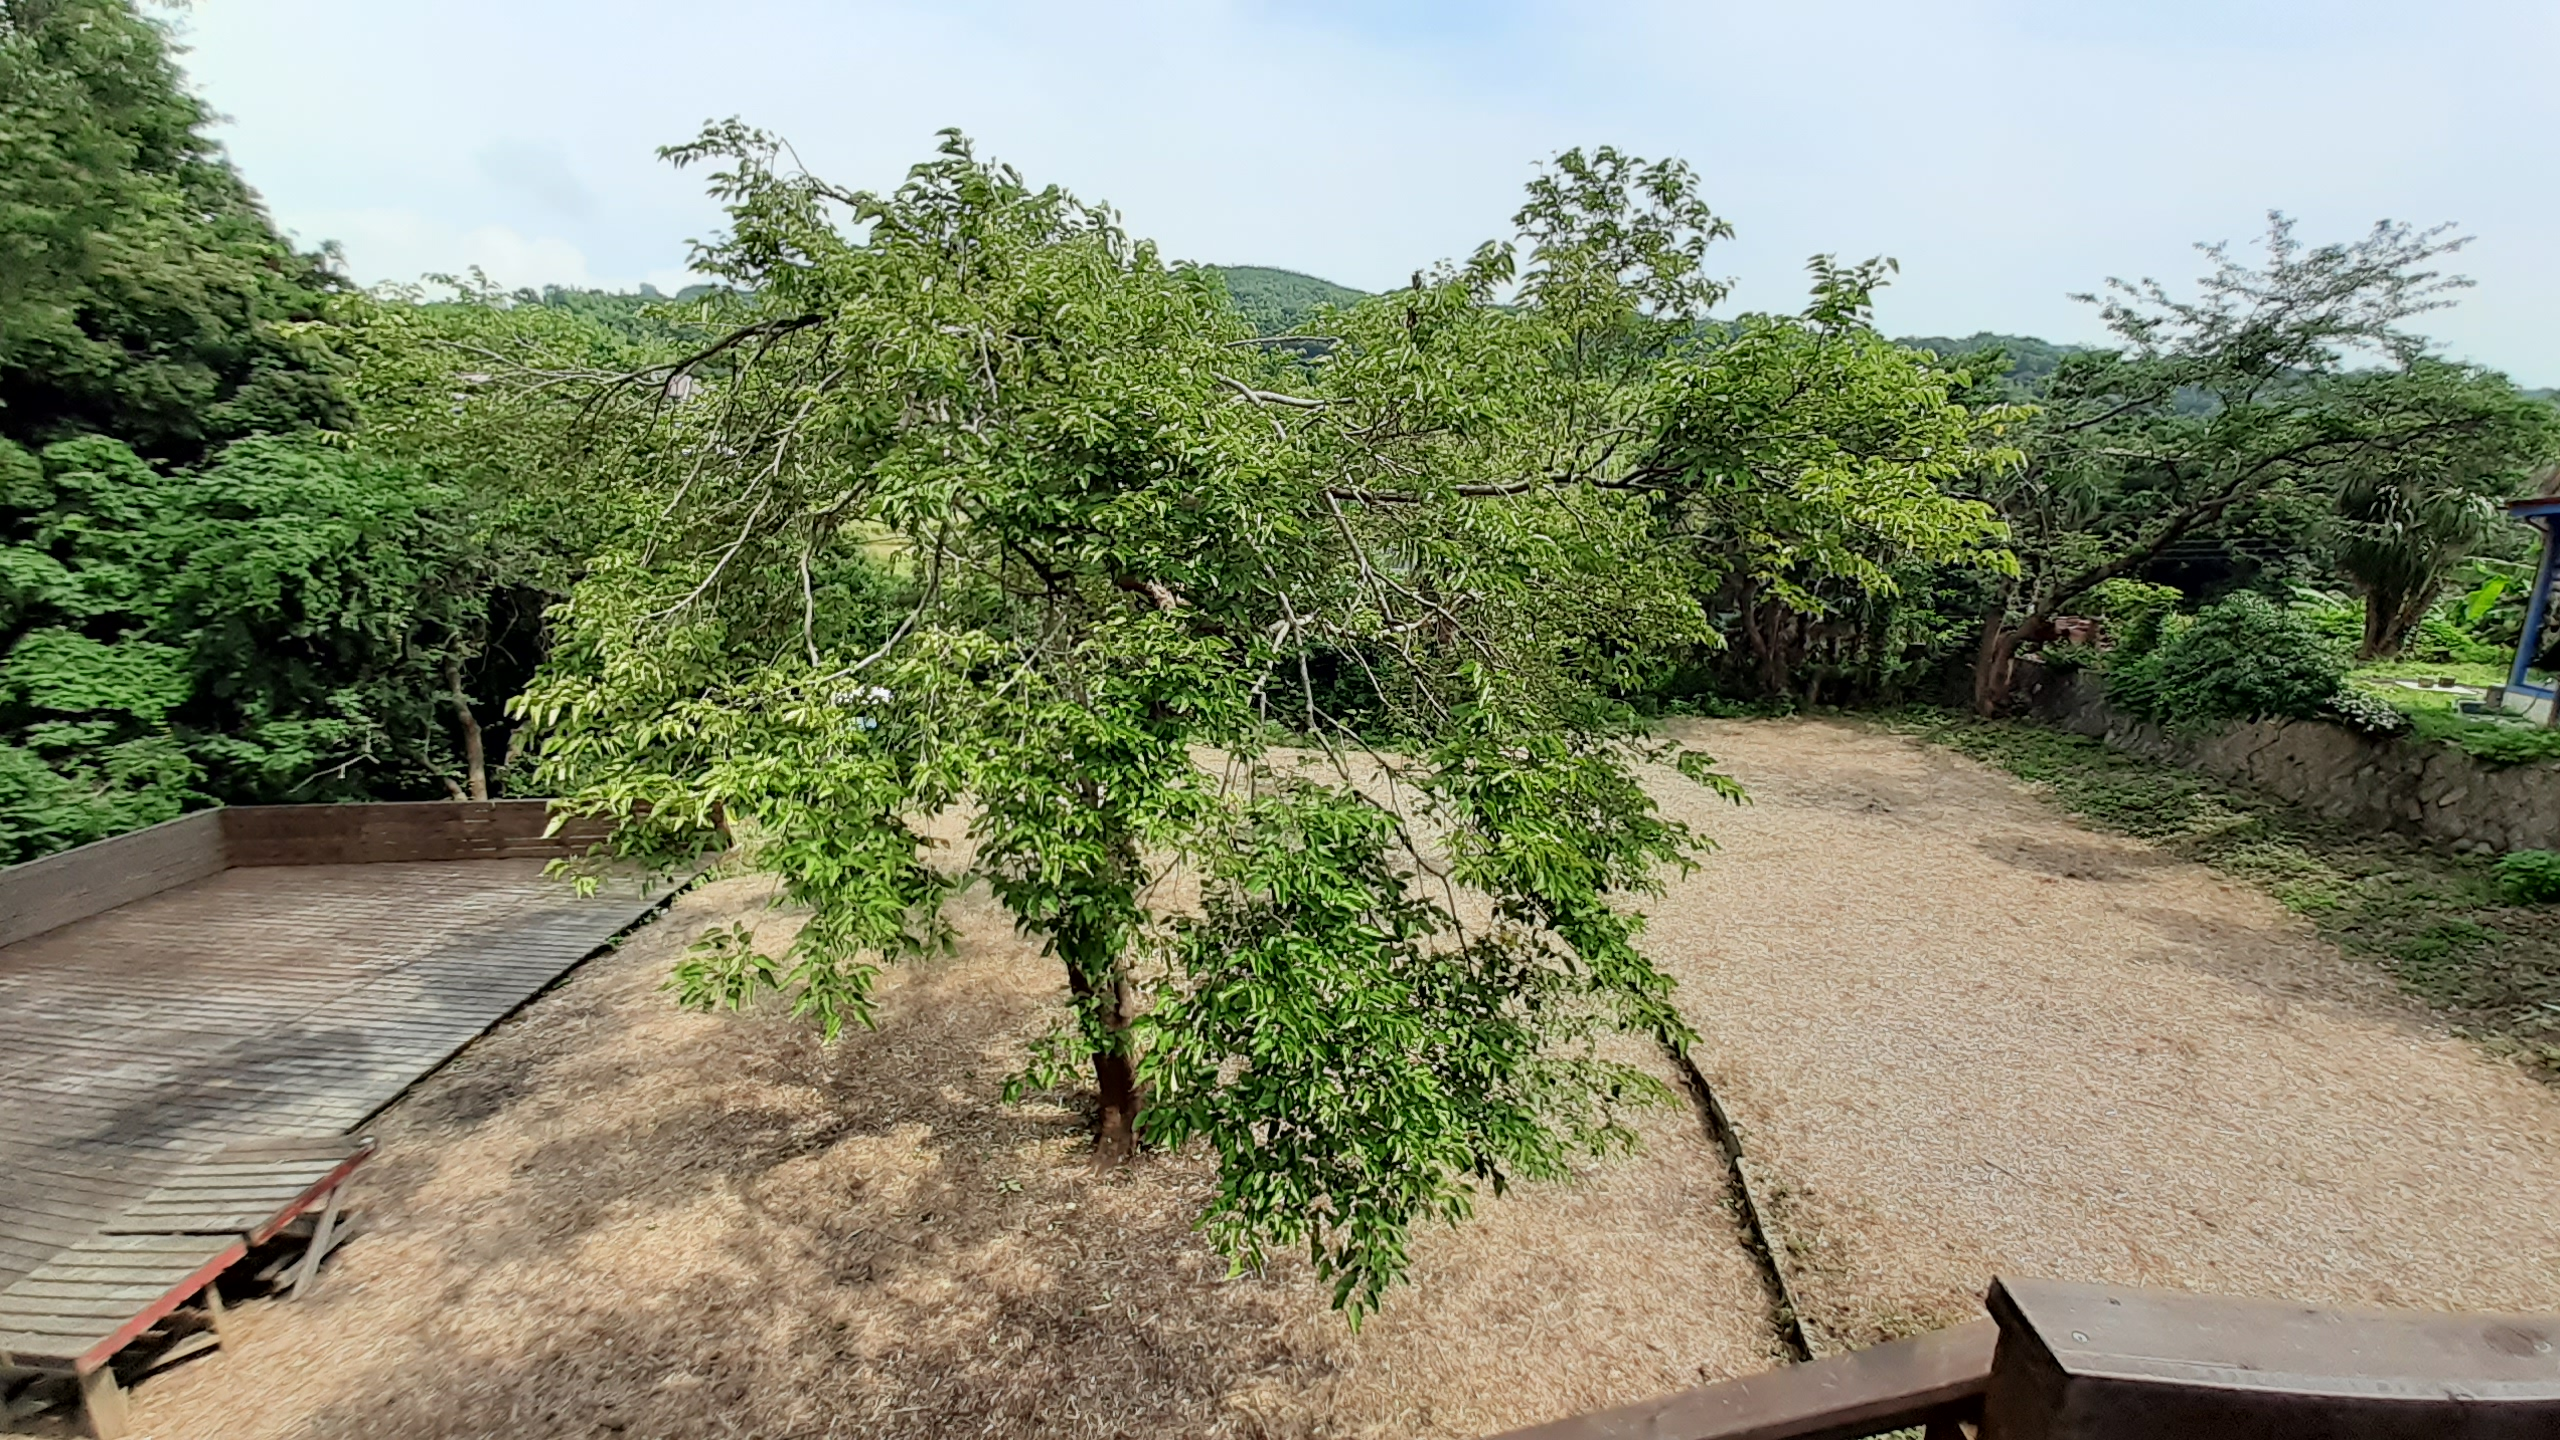 木の生えているところがウッドチップサイト、右に一段高くなったところがドッグランです。RVサイト、テントサイトご利用の方は2時間無料になります。